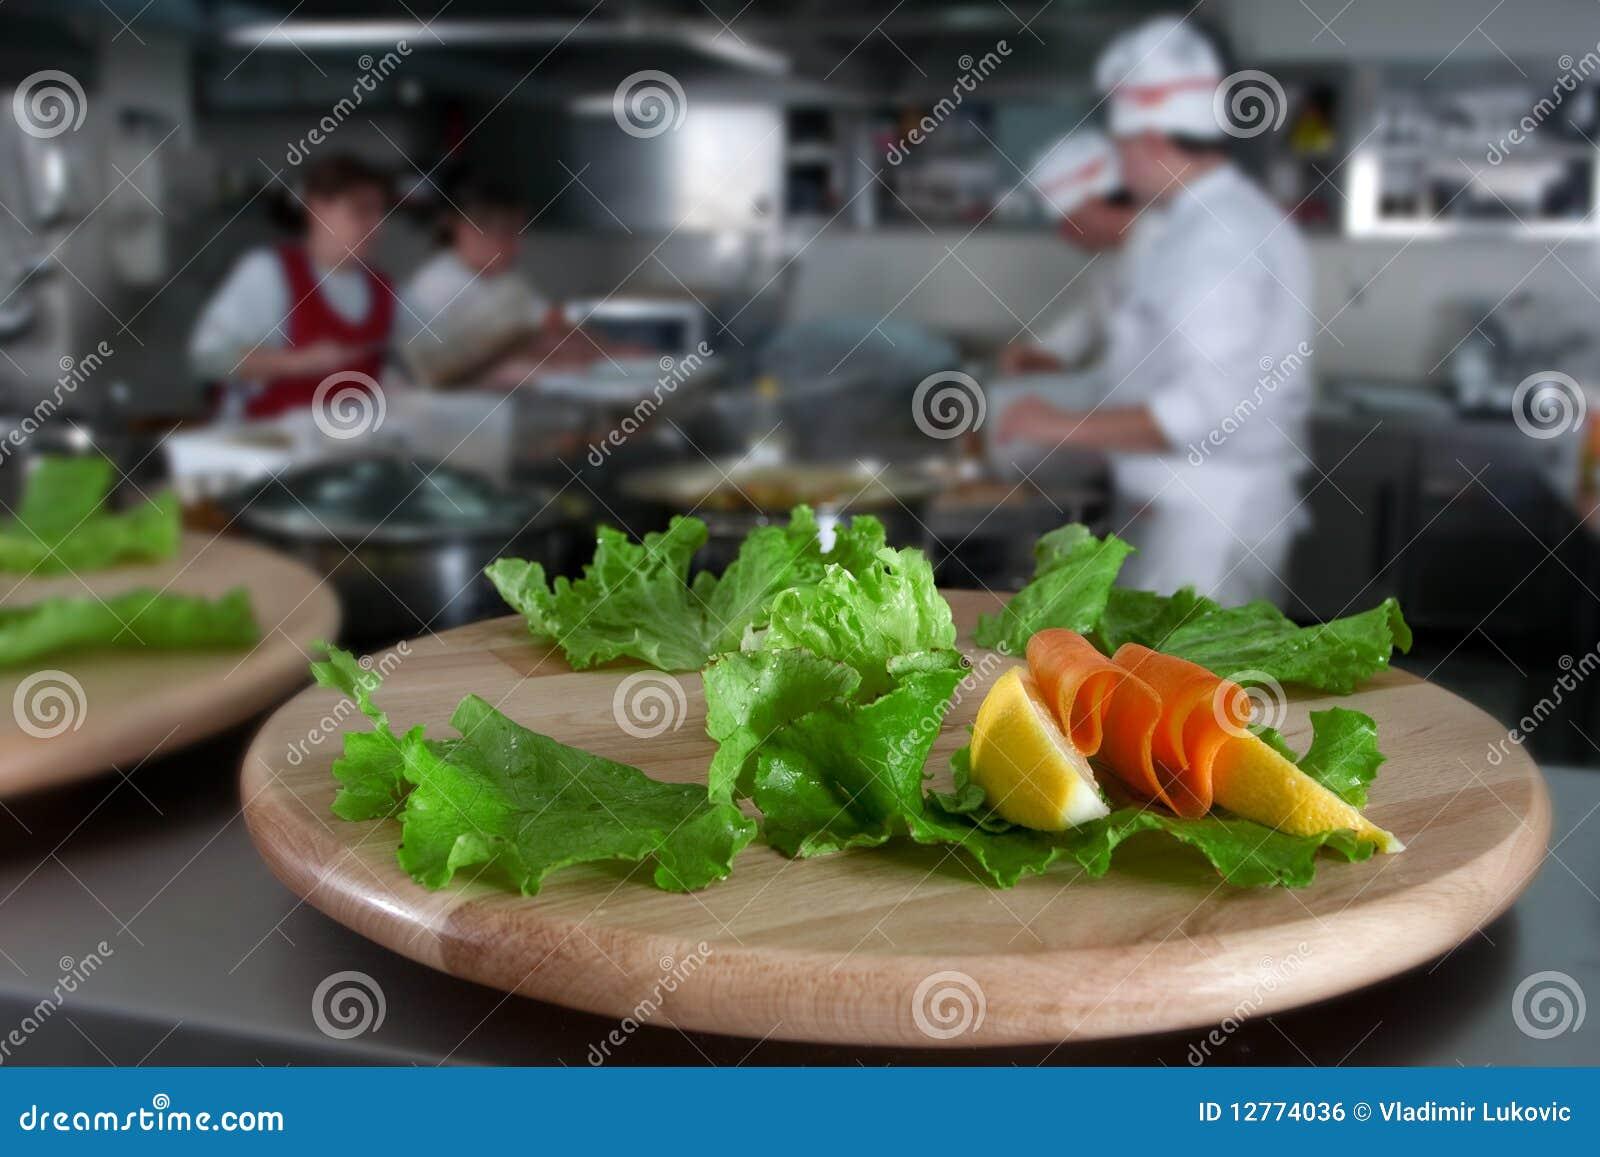 Sköta om att förbereda sig för mat